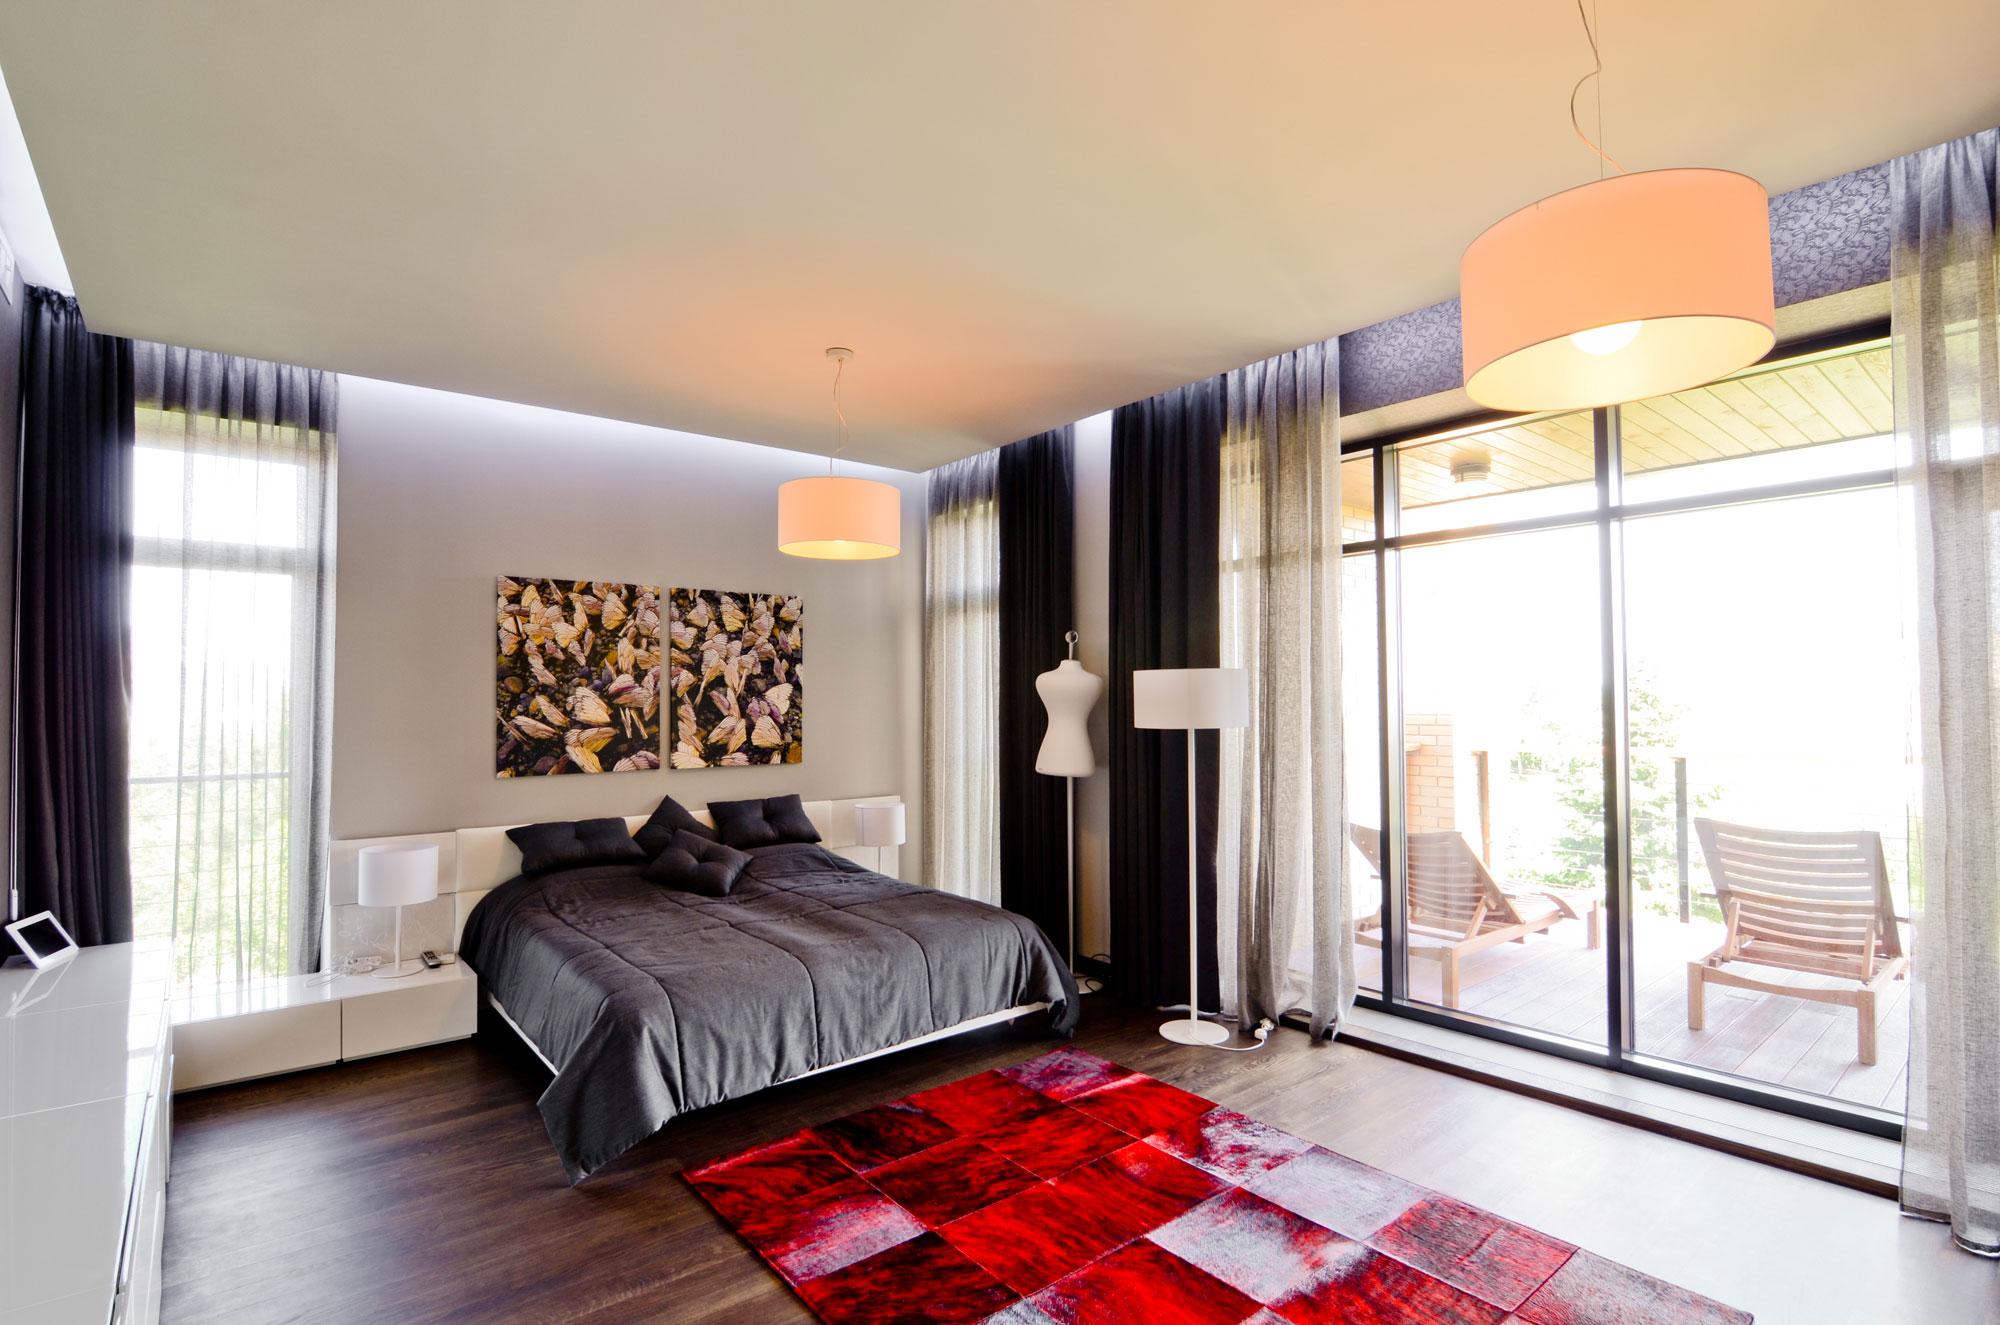 """Дизайн спальни частного дома """" картинки и фотографии дизайна."""